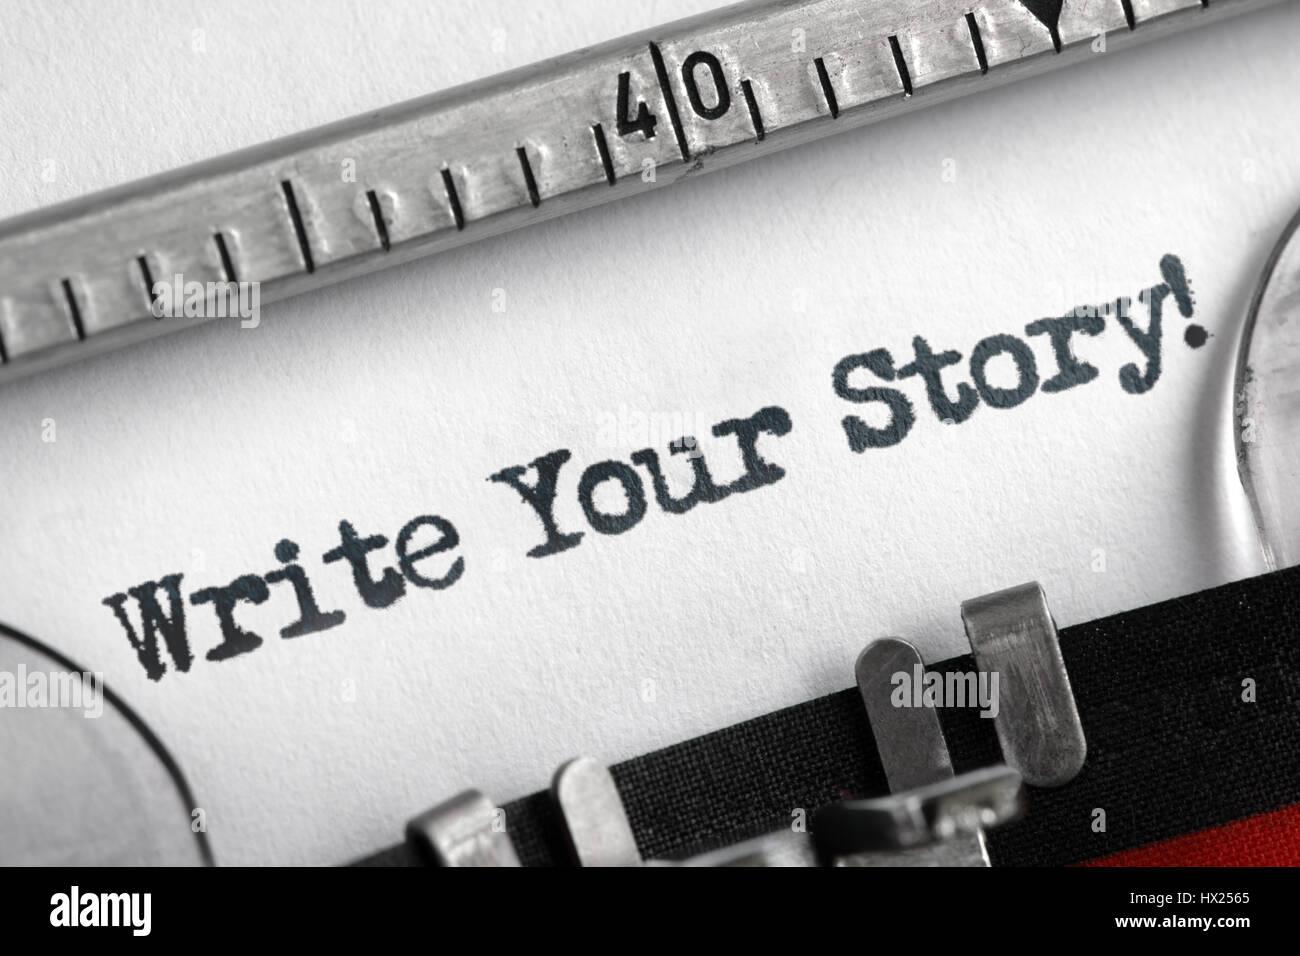 Escribe tu historia escrita en una vieja máquina concepto único, individual o de la historia de vida personal Imagen De Stock